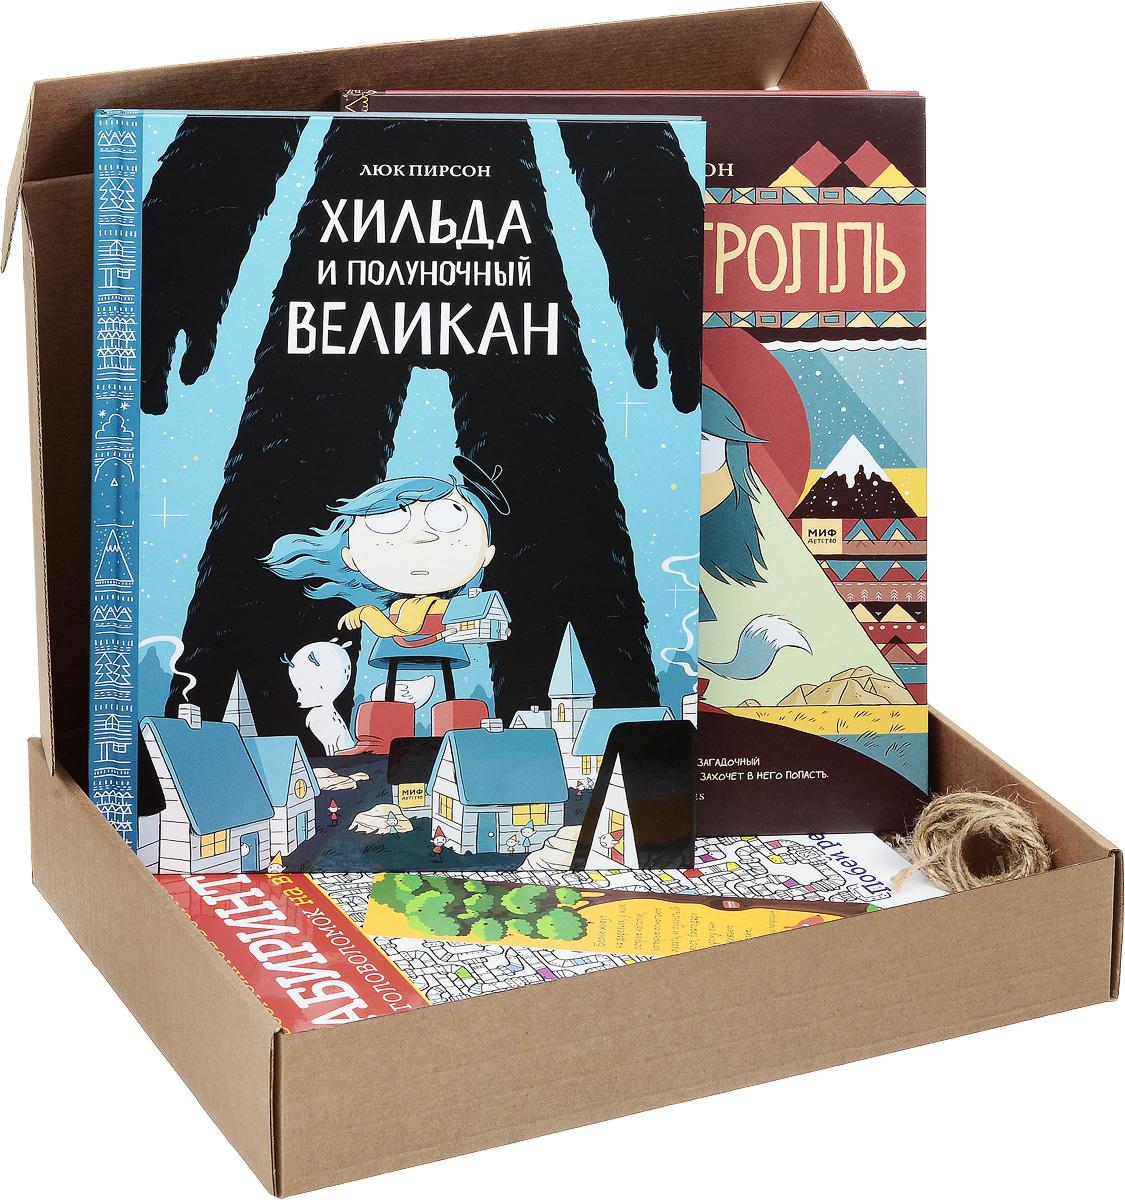 Фанату комиксов (подарочный комплект из 3 книг)